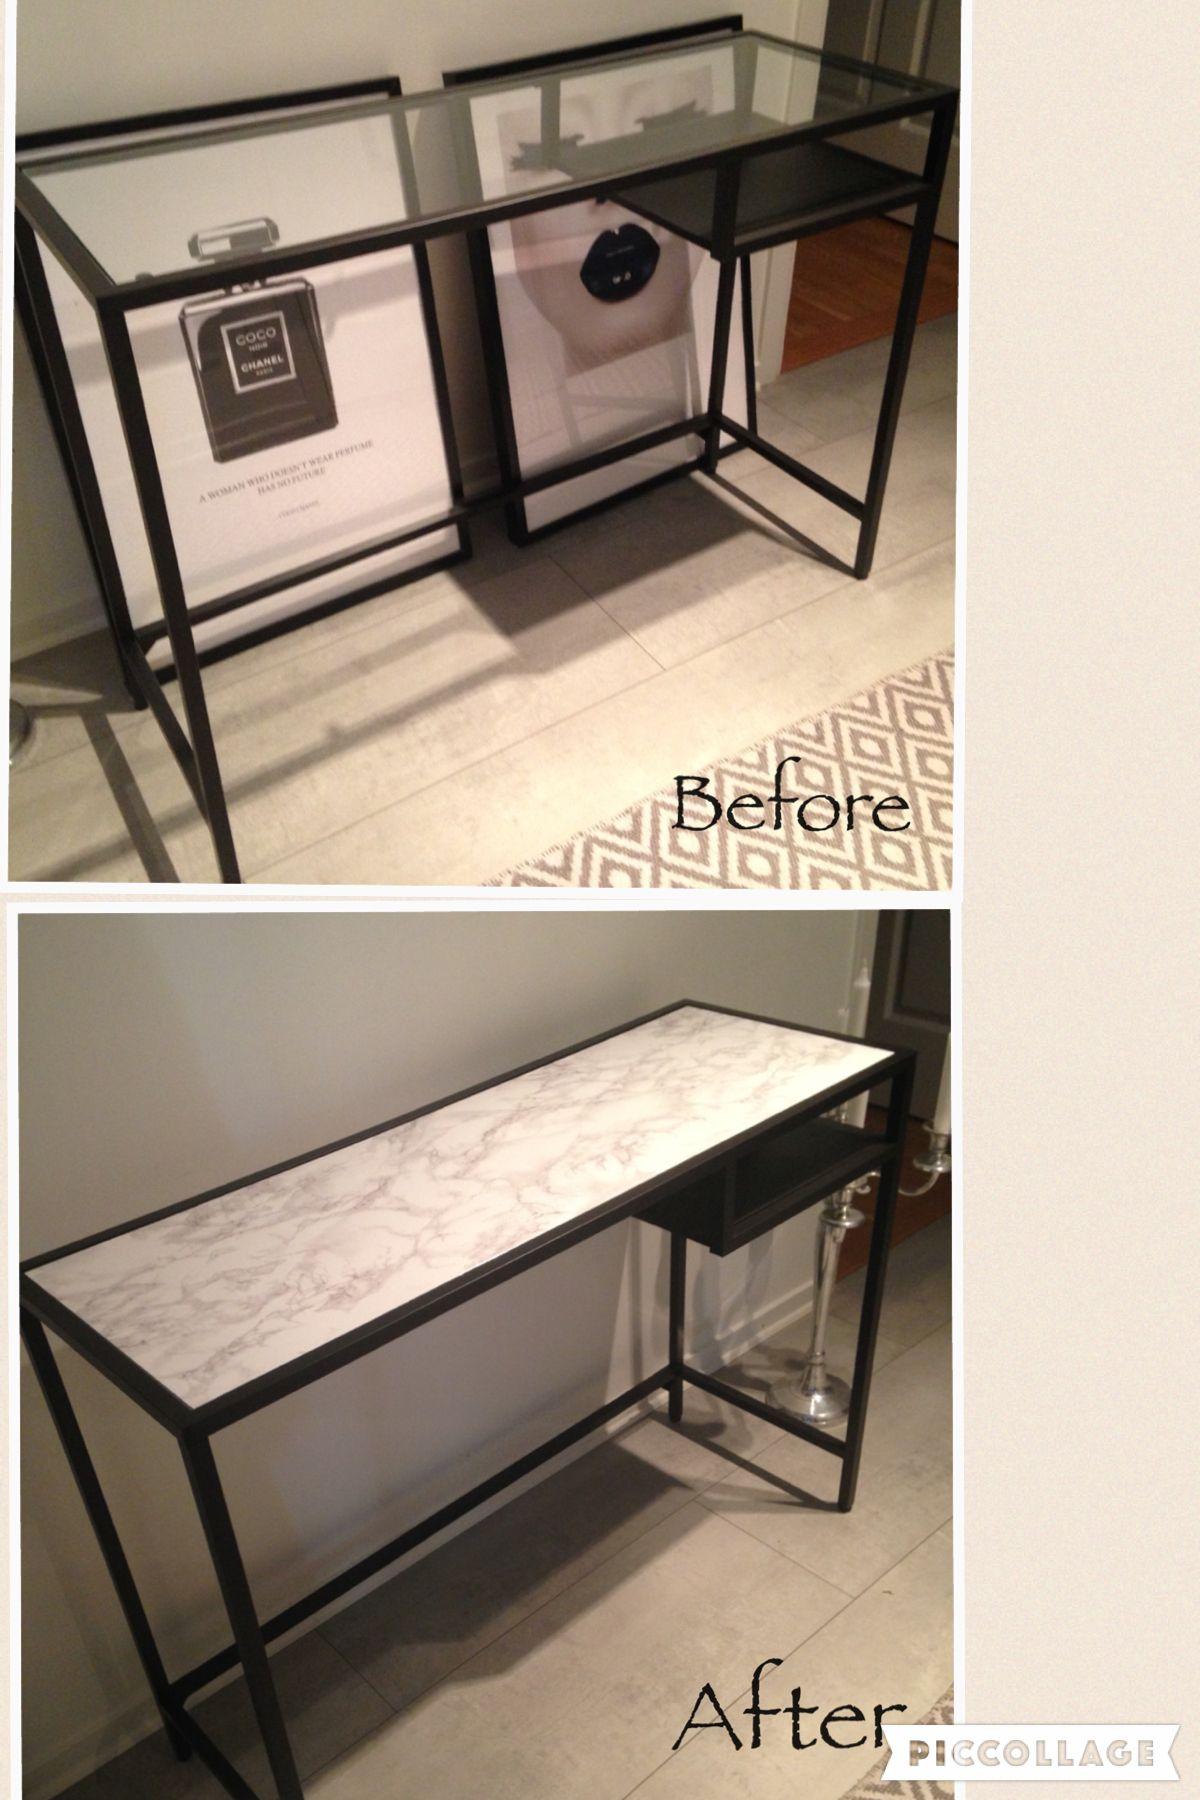 Vittsjö avlastnings bord fr¥n Ikea Göra själv